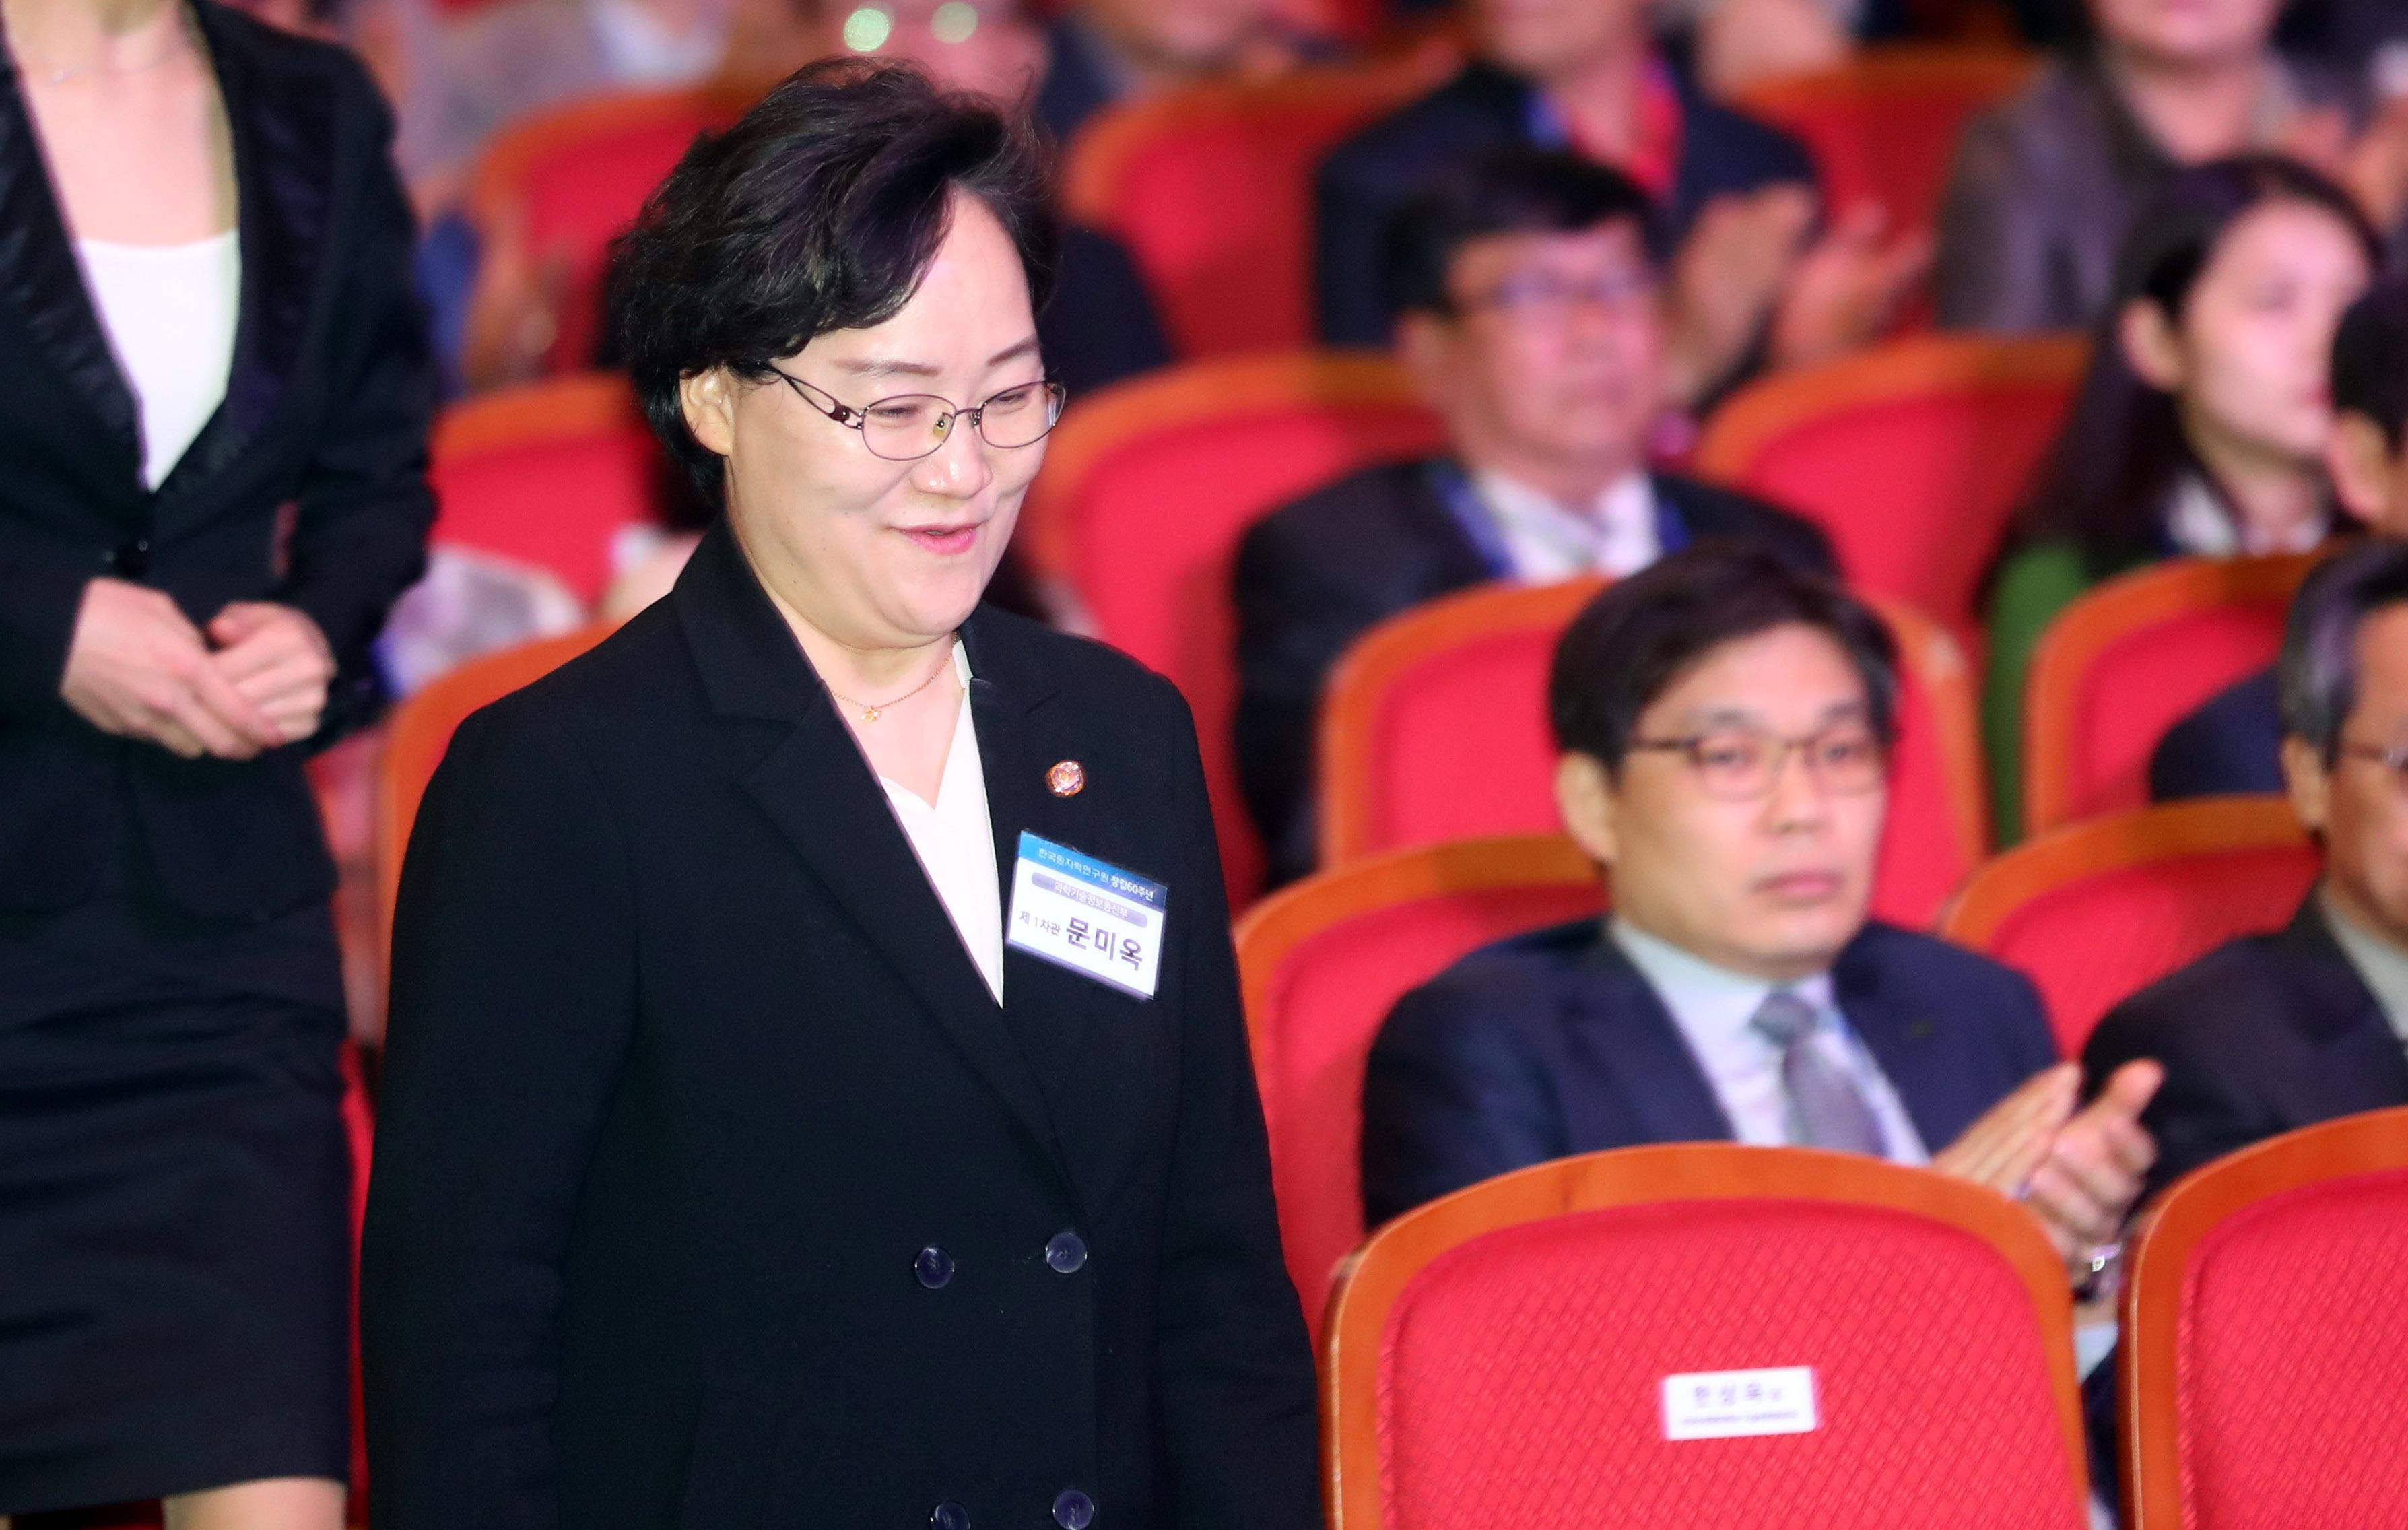 문미옥 과기정통부 차관이 9일 대전 유성구 국립중앙과학관에서 열린 한국원자력연구원 창립 60주년 기념식장에 입장하고 있다.